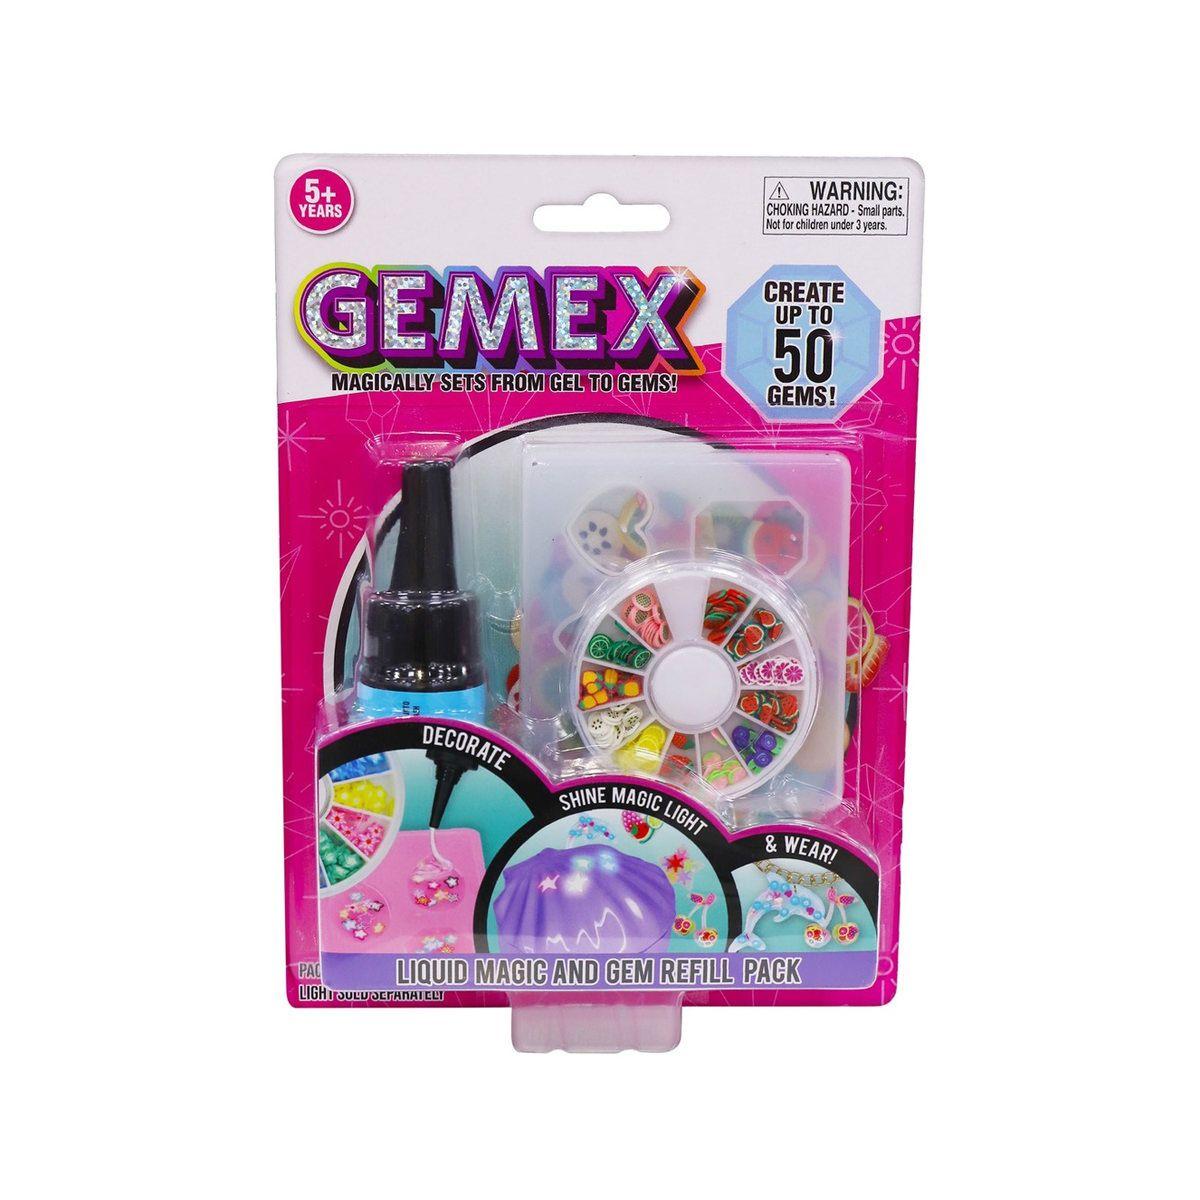 Lichid pentru setul de creatie cristale Gemex imagine hippoland.ro